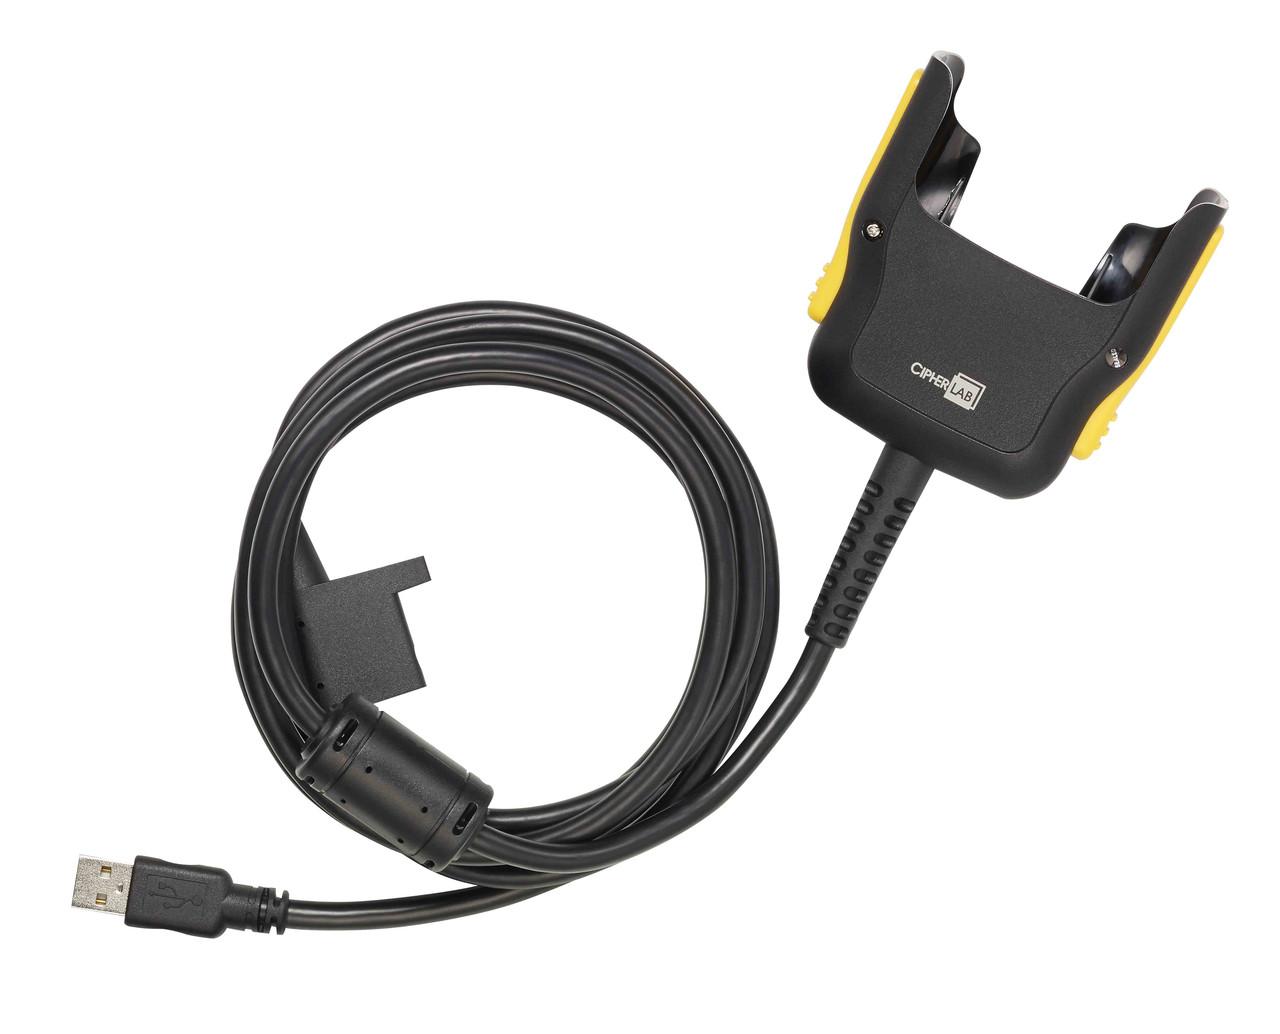 Snap-on кабель к Cipherlab 9700, фото 1